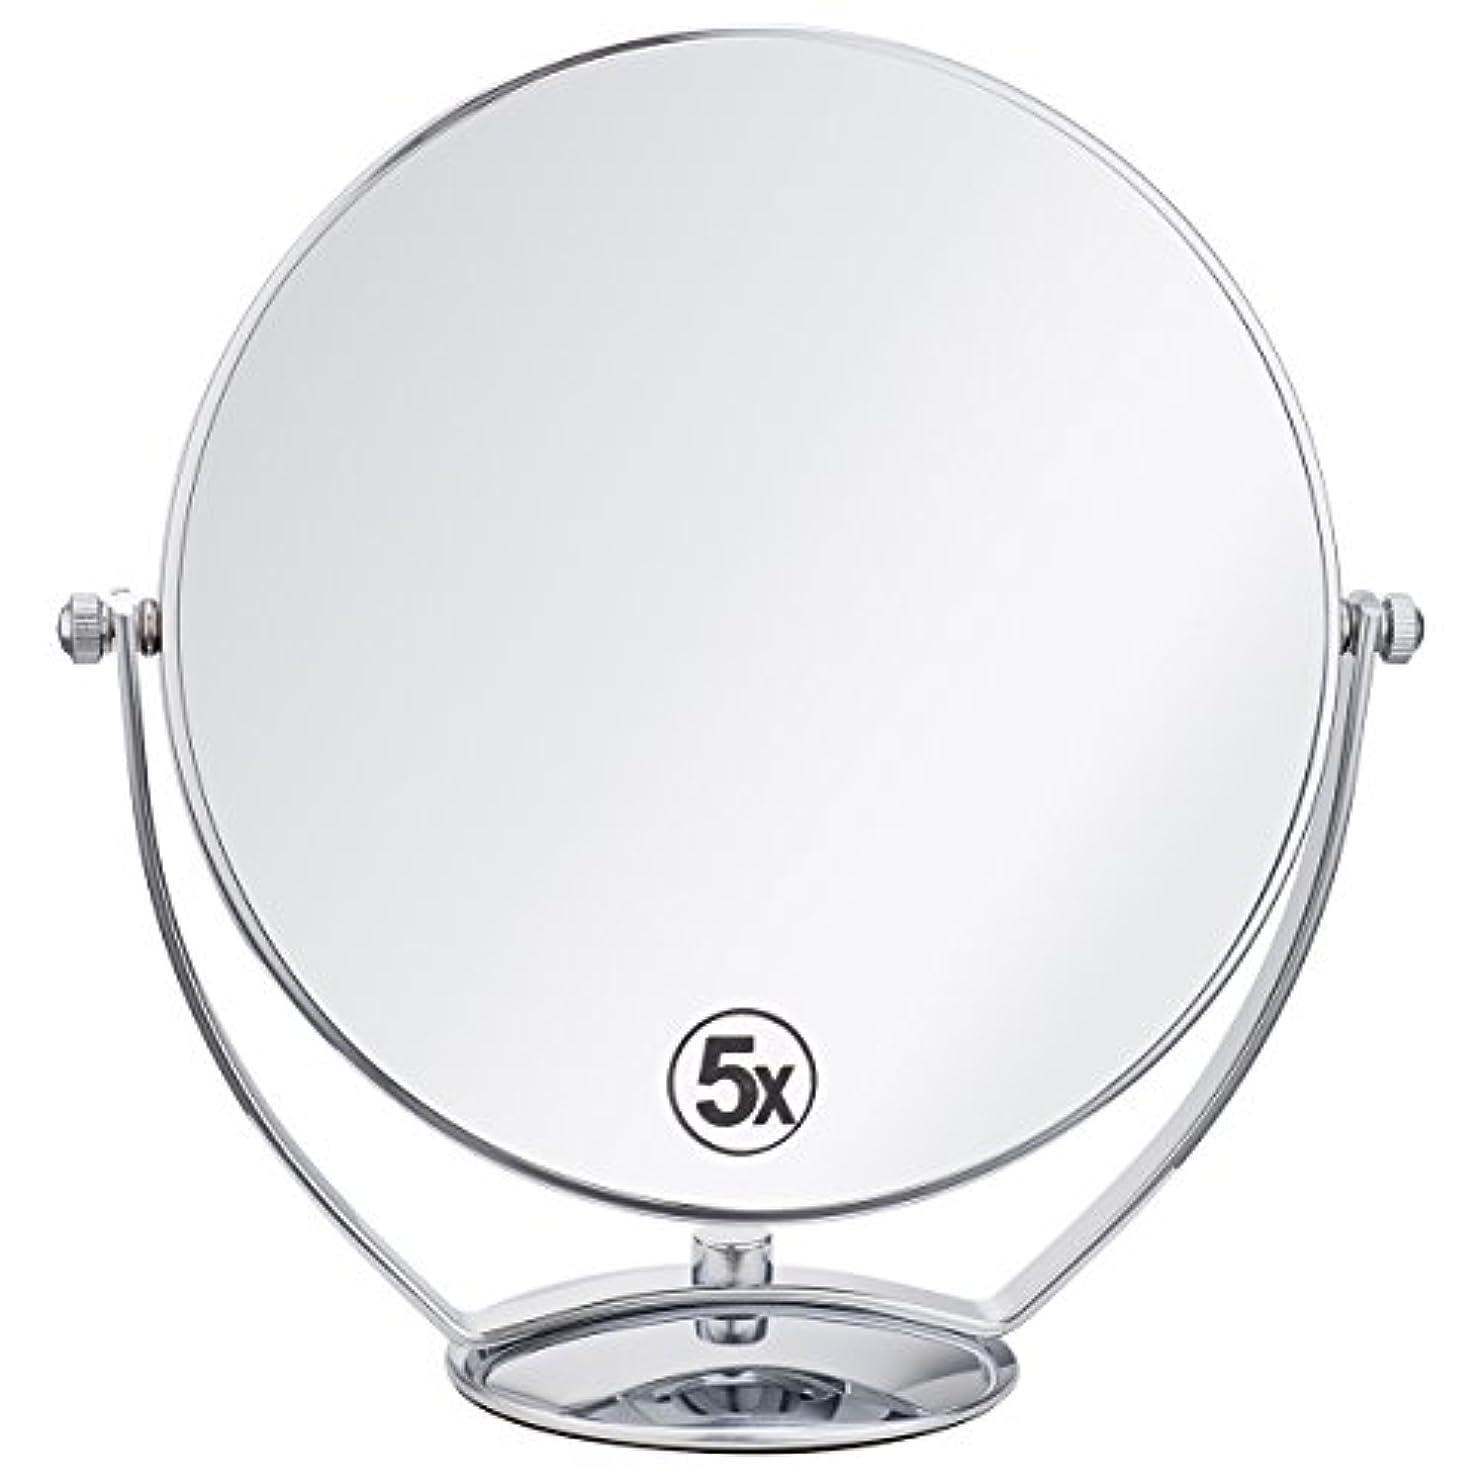 いたずら縞模様の神社(セーディコ)Cerdeco 西洋風鏡 真実の両面鏡DX 5倍拡大鏡+等倍鏡 両面化粧鏡 360度回転 卓上鏡 スタンドミラー メイク道具 大きい鏡面φ198mm j823